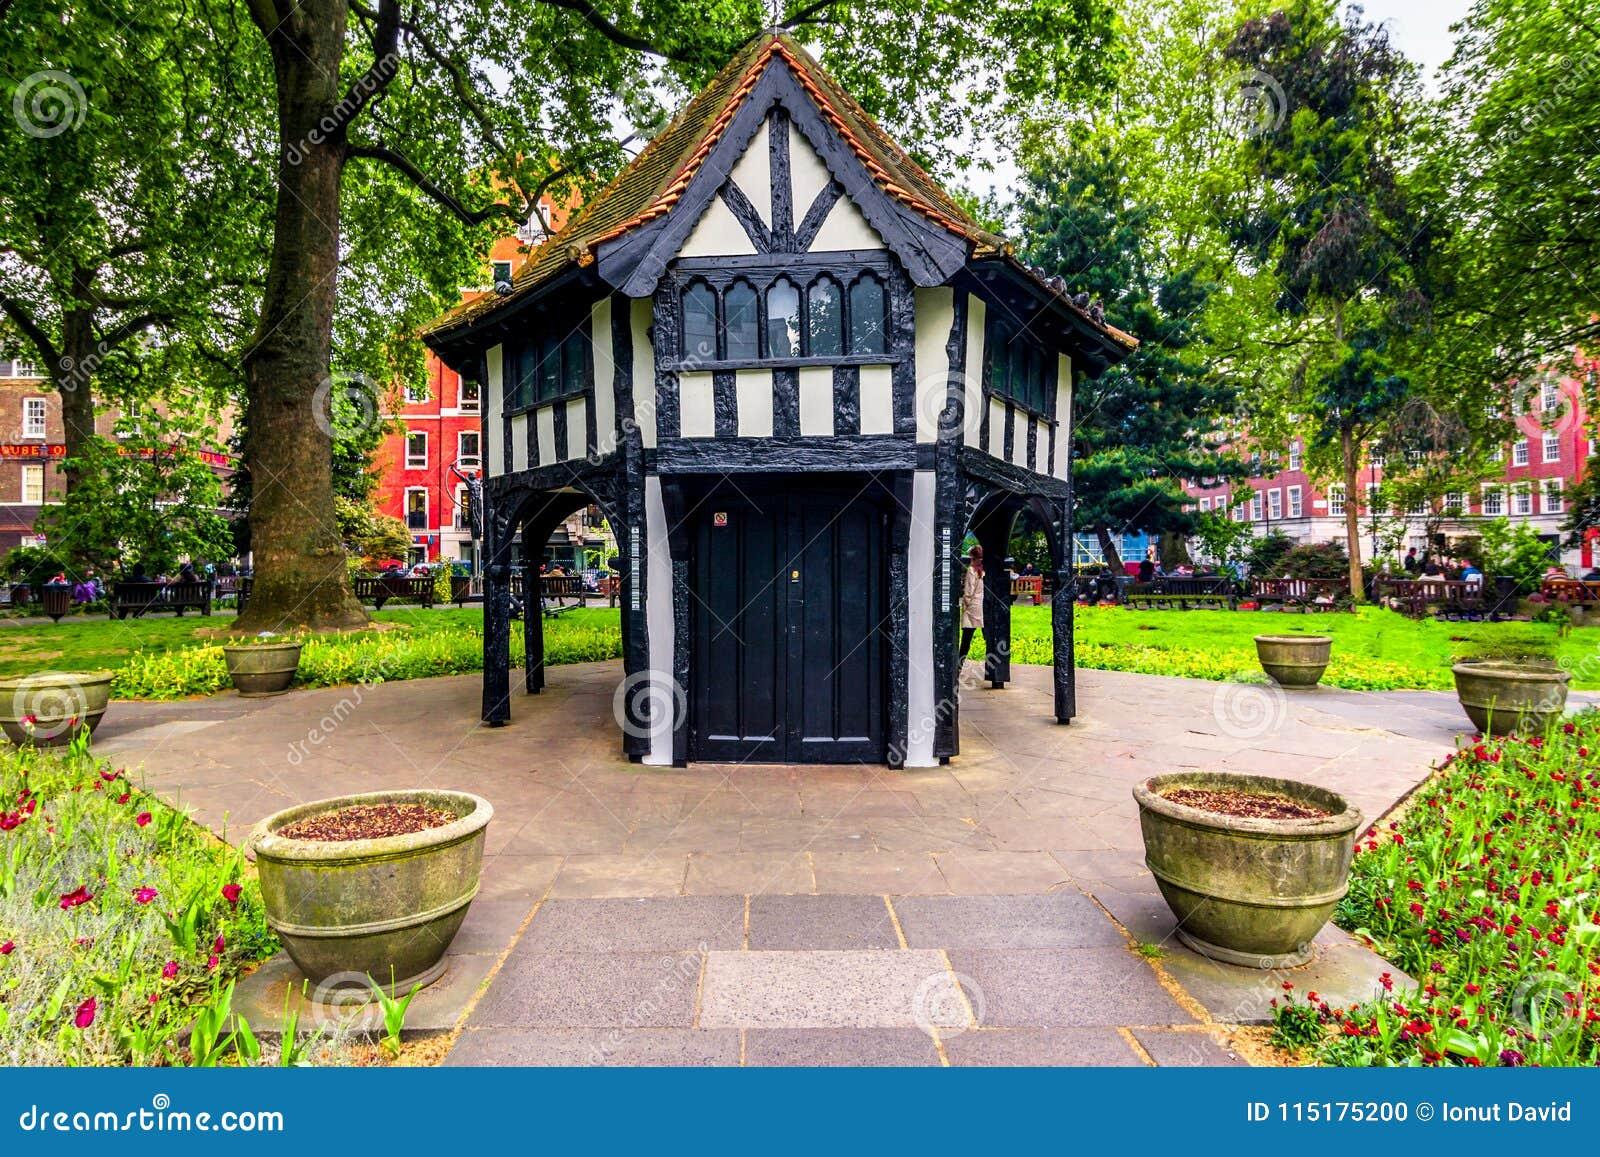 Londen, het Verenigd Koninkrijk van Groot-Brittannië: Britse architectuur in een park